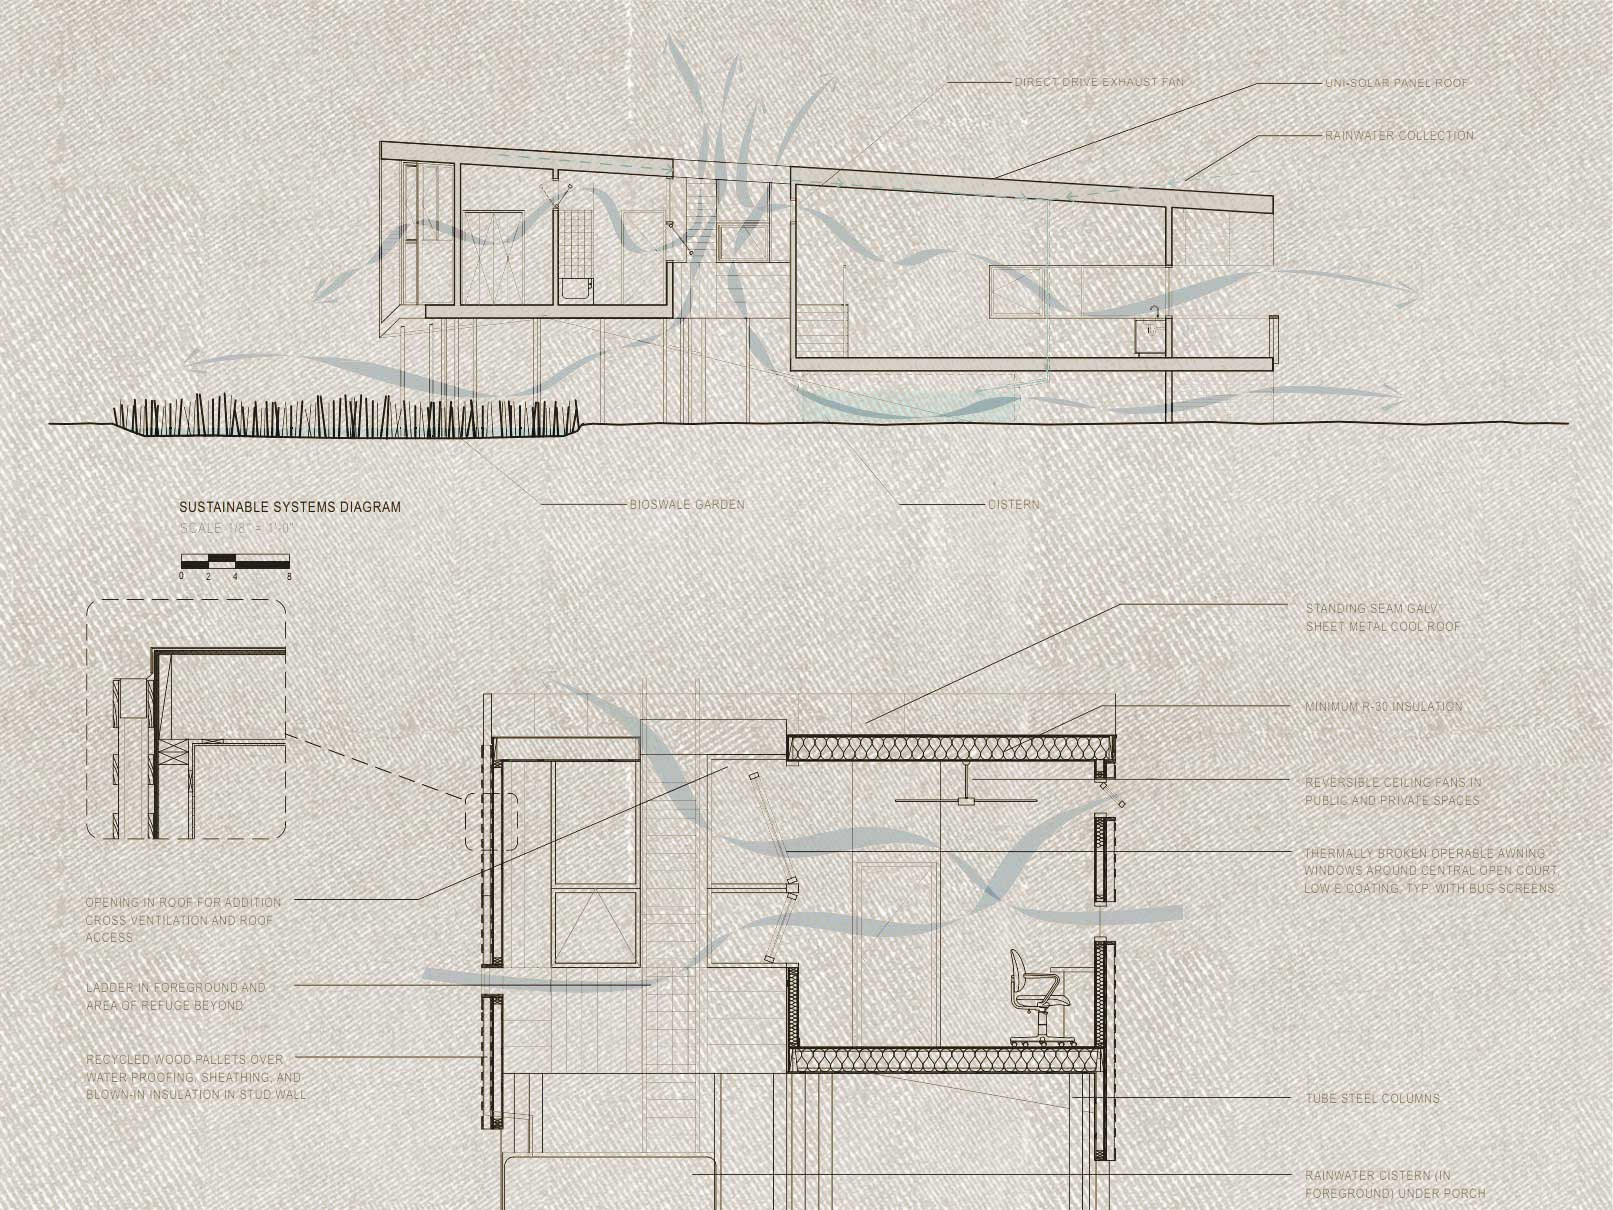 28 planos de casas ecol gicas para dise ar viviendas ovacen for Como crear un plano de una casa